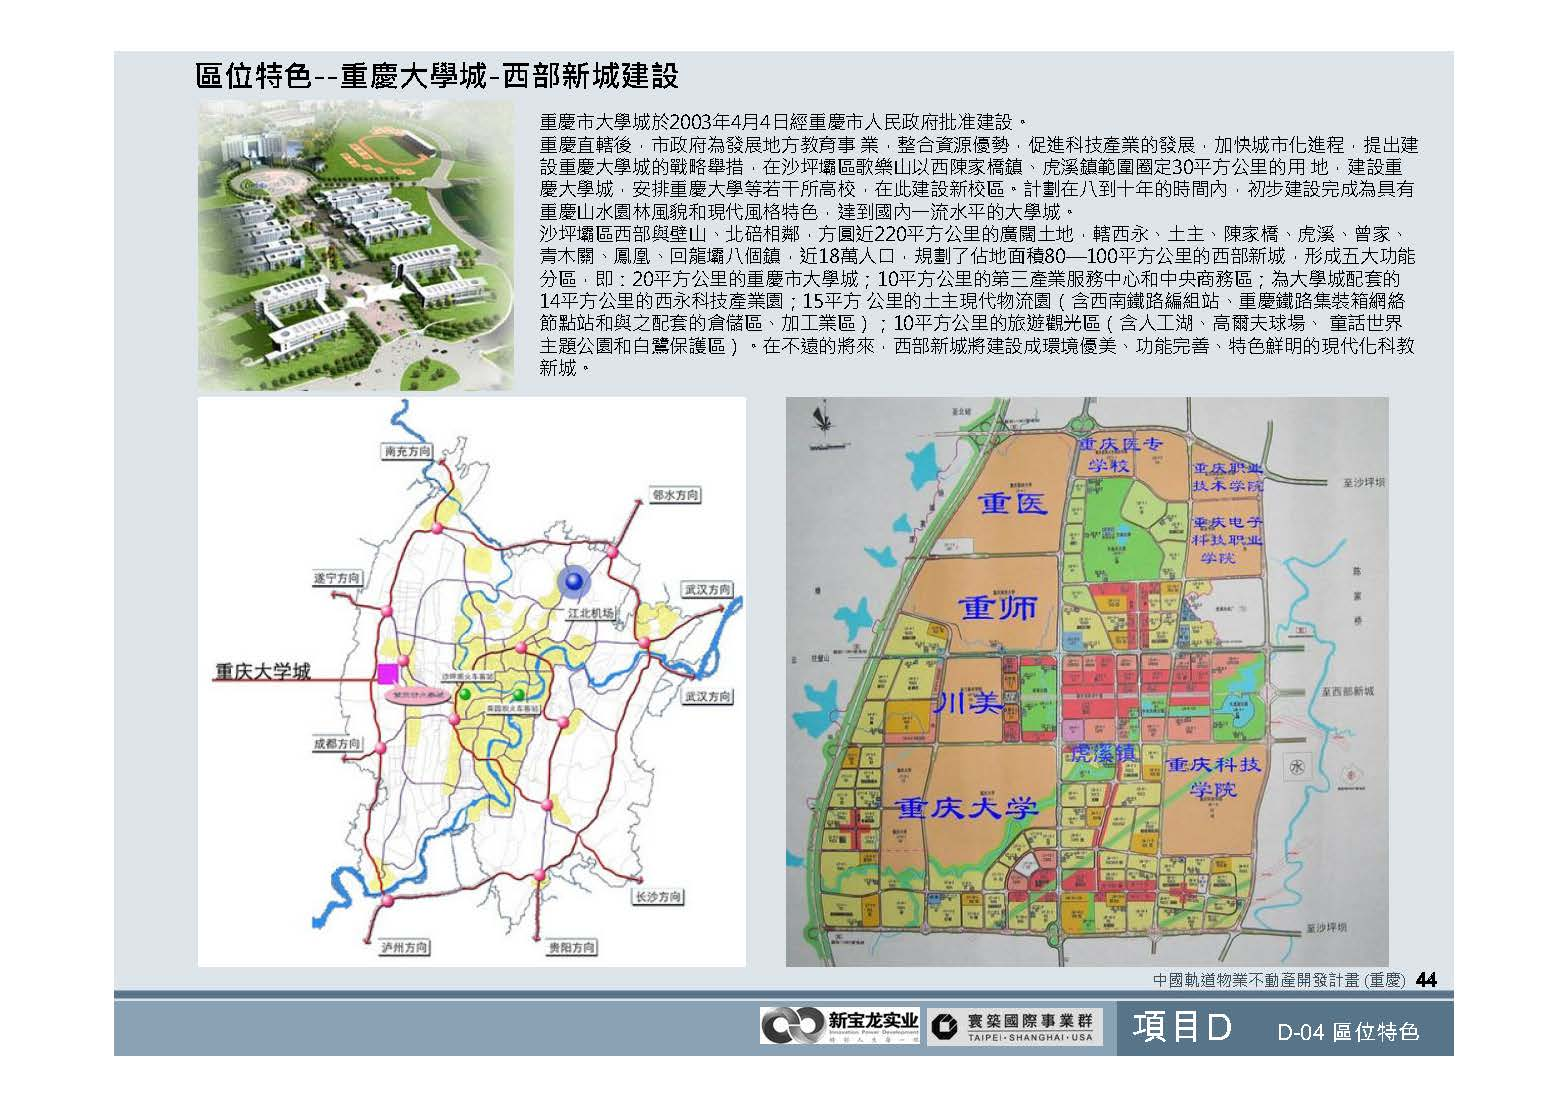 20100812-中國軌道物業不動產開發計畫(重慶)_頁面_45